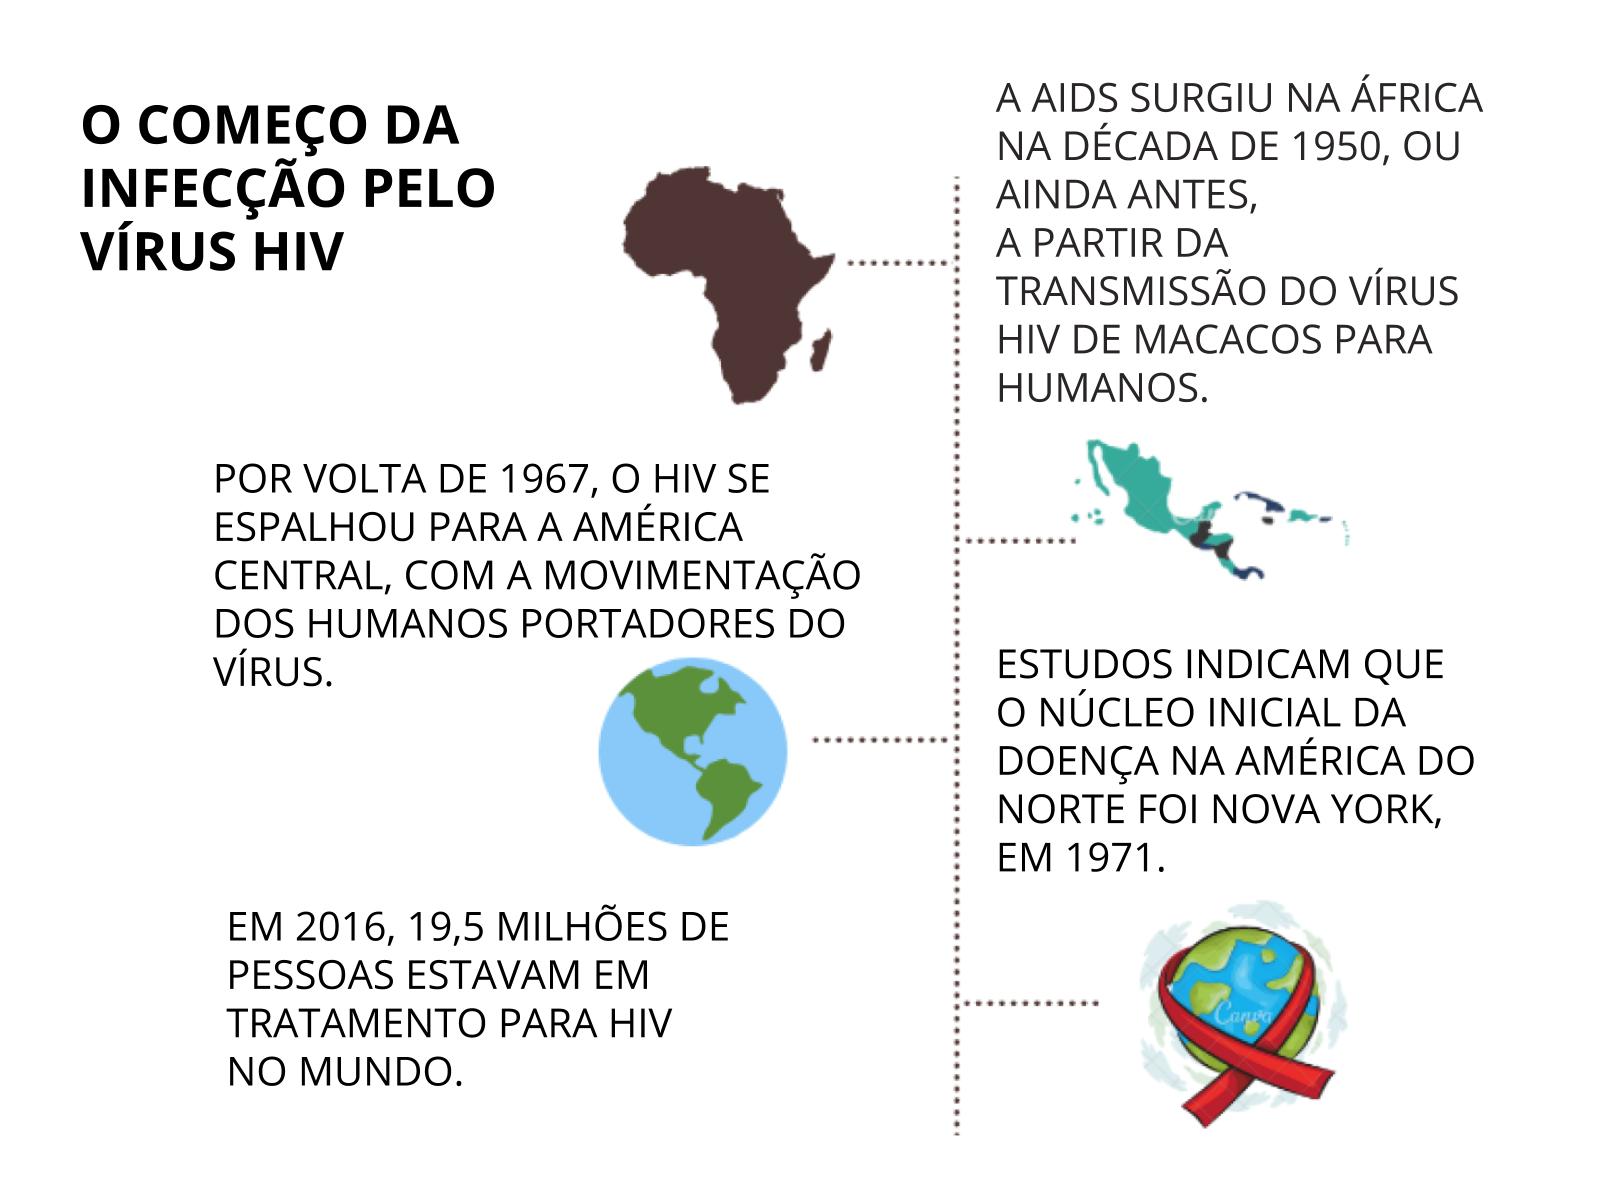 Desconstruindo preconceitos sobre HIV e AIDS